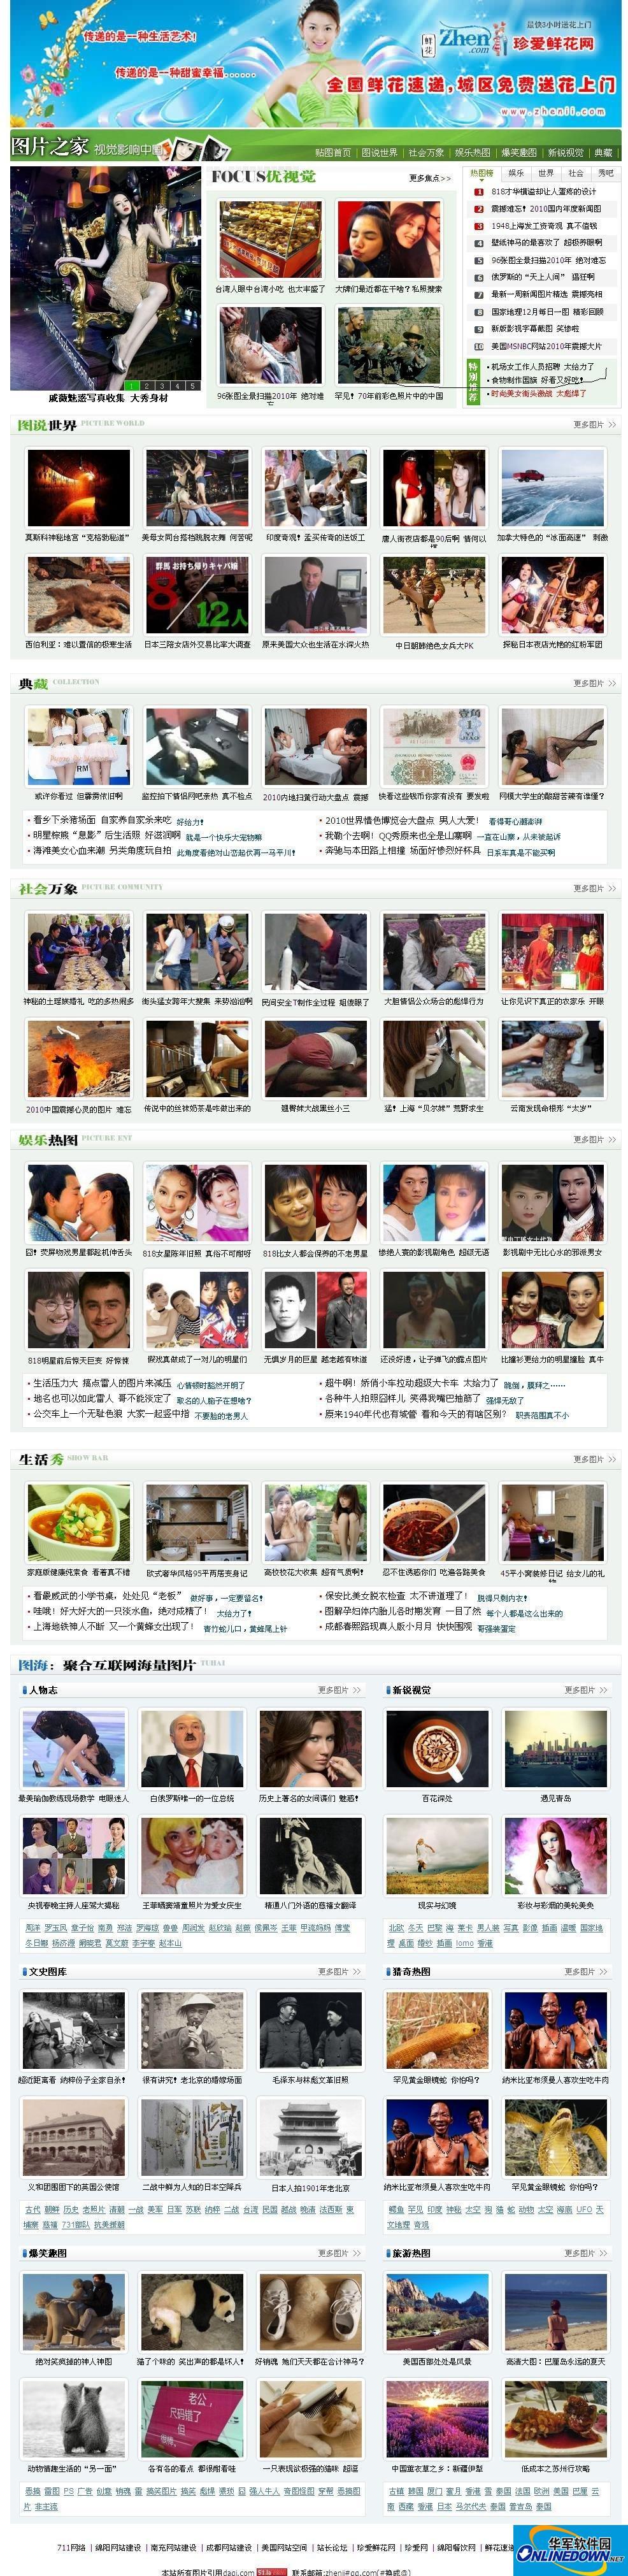 zhenii图片小偷程序 2011